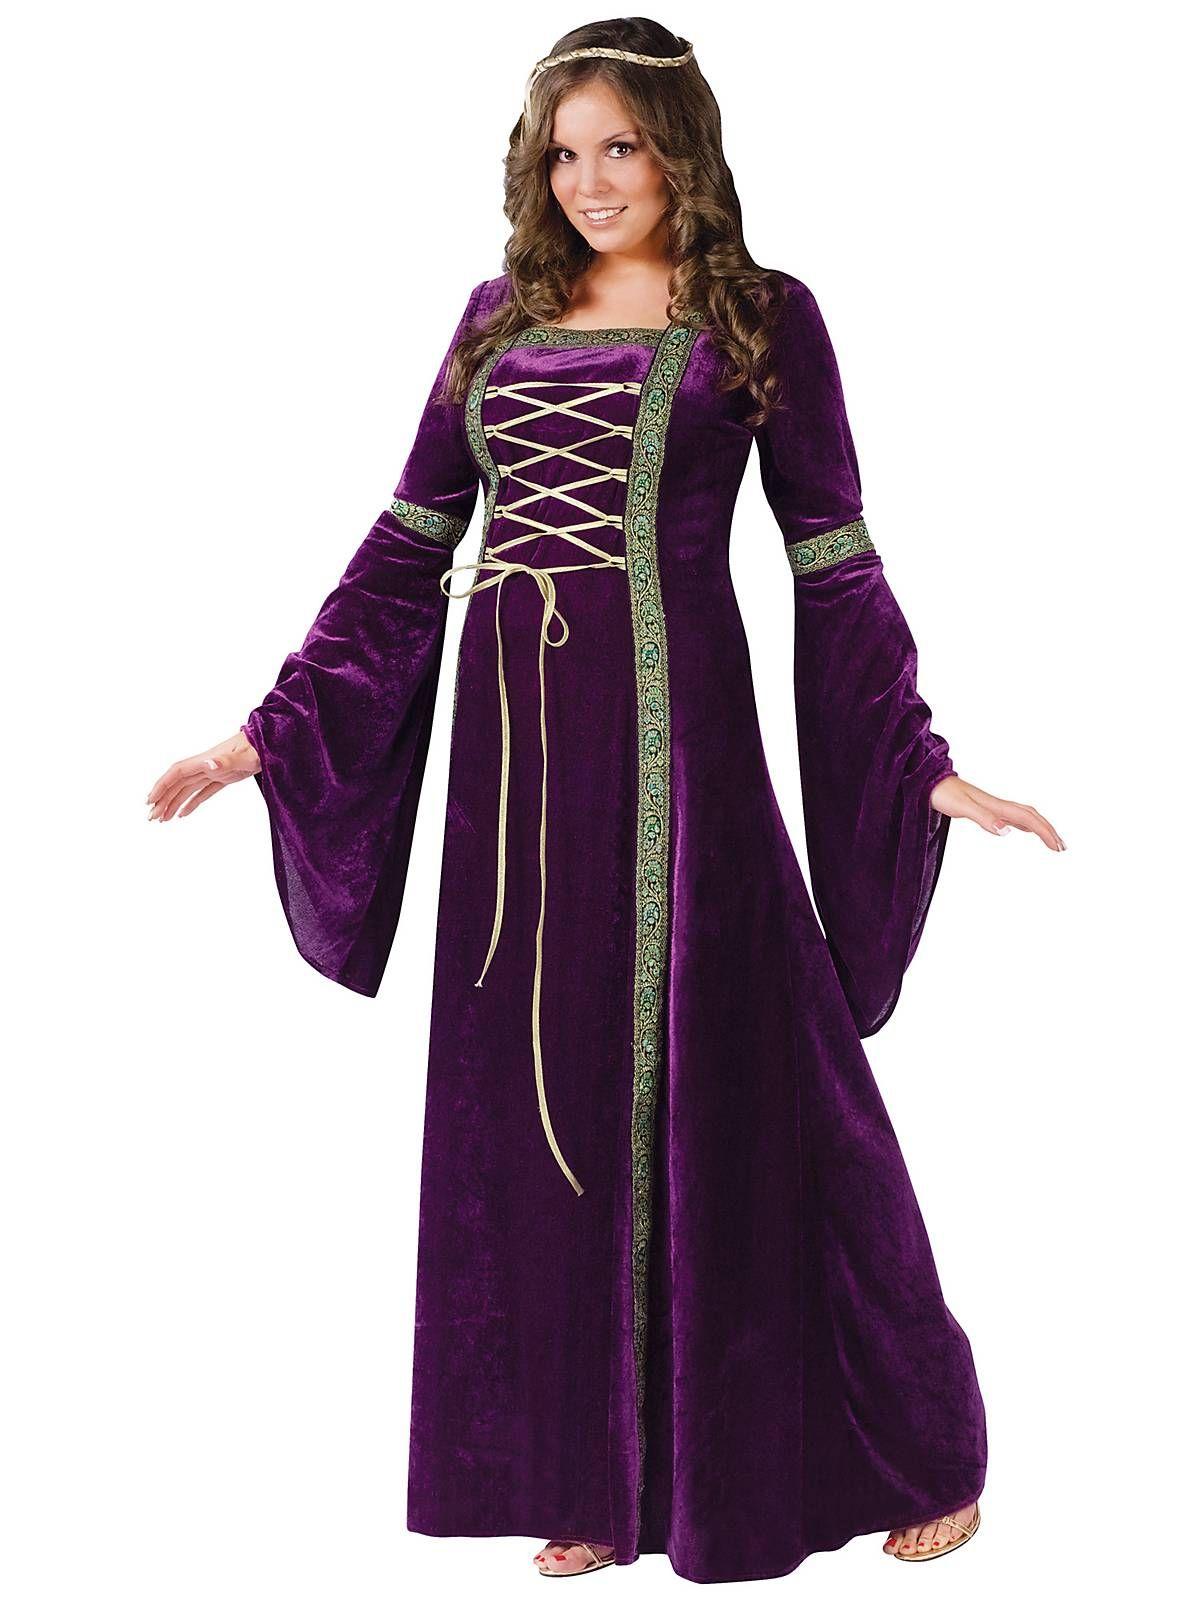 2b9ffc0a9a4e5 Renaissance Lady Adult Plus Costume